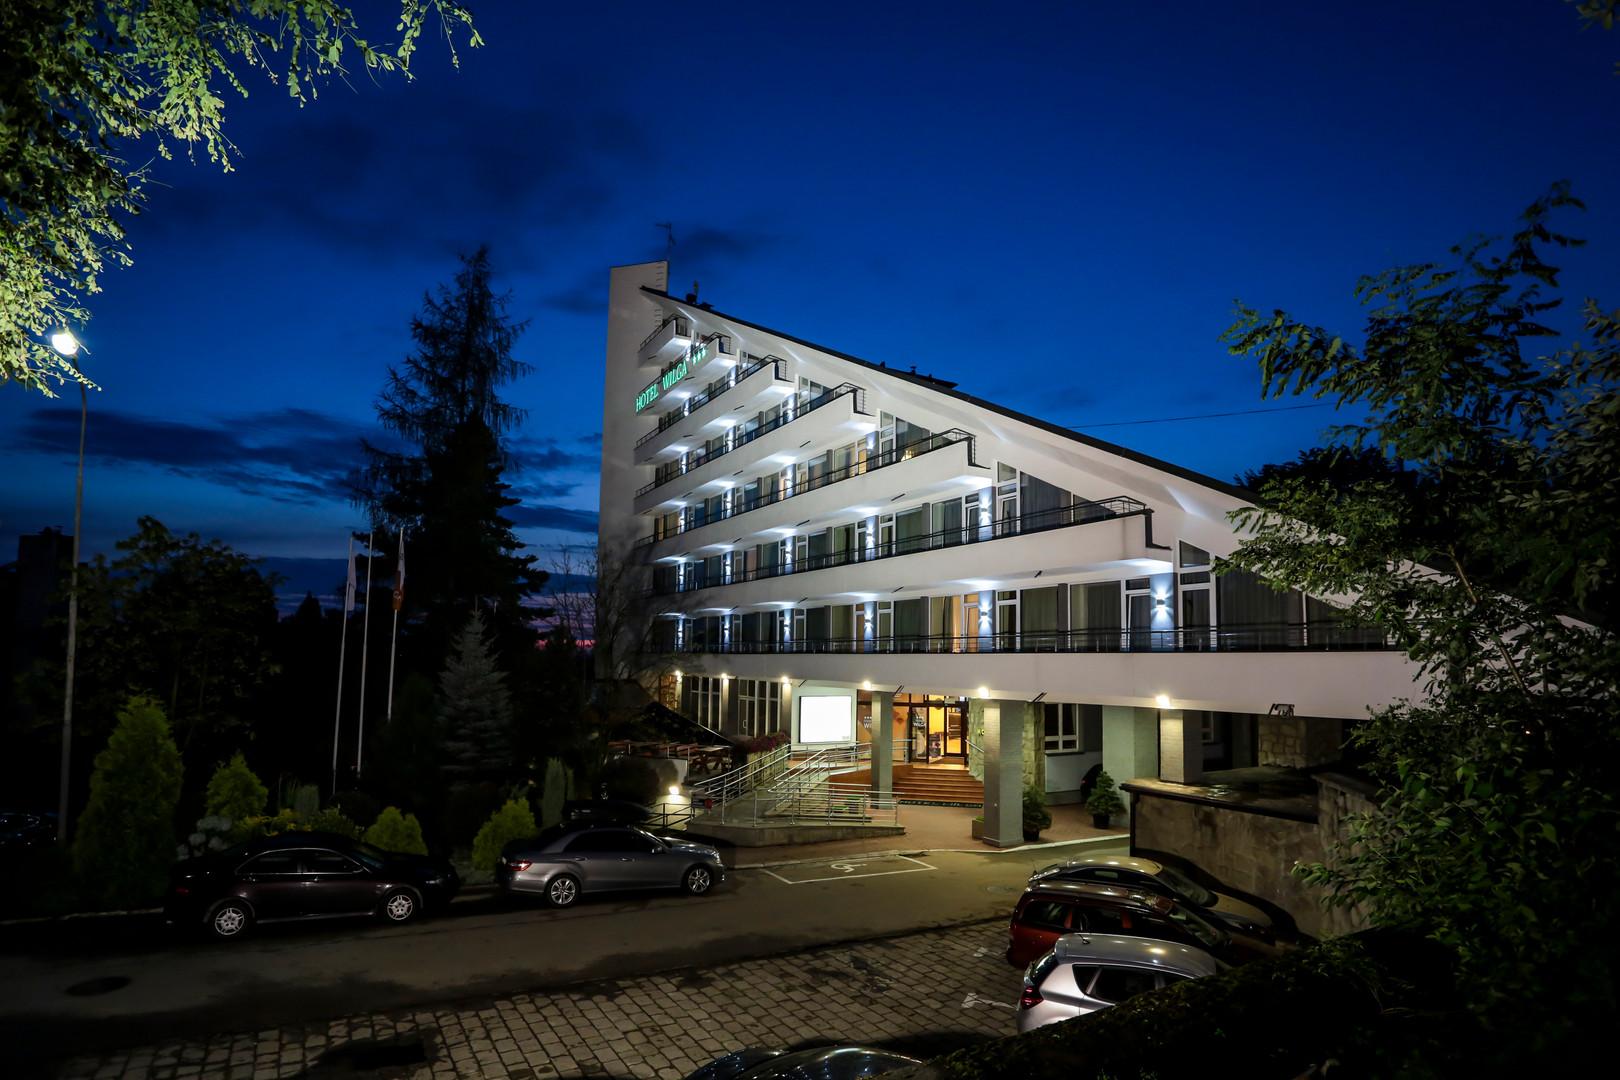 hotel_wilga2.jpg